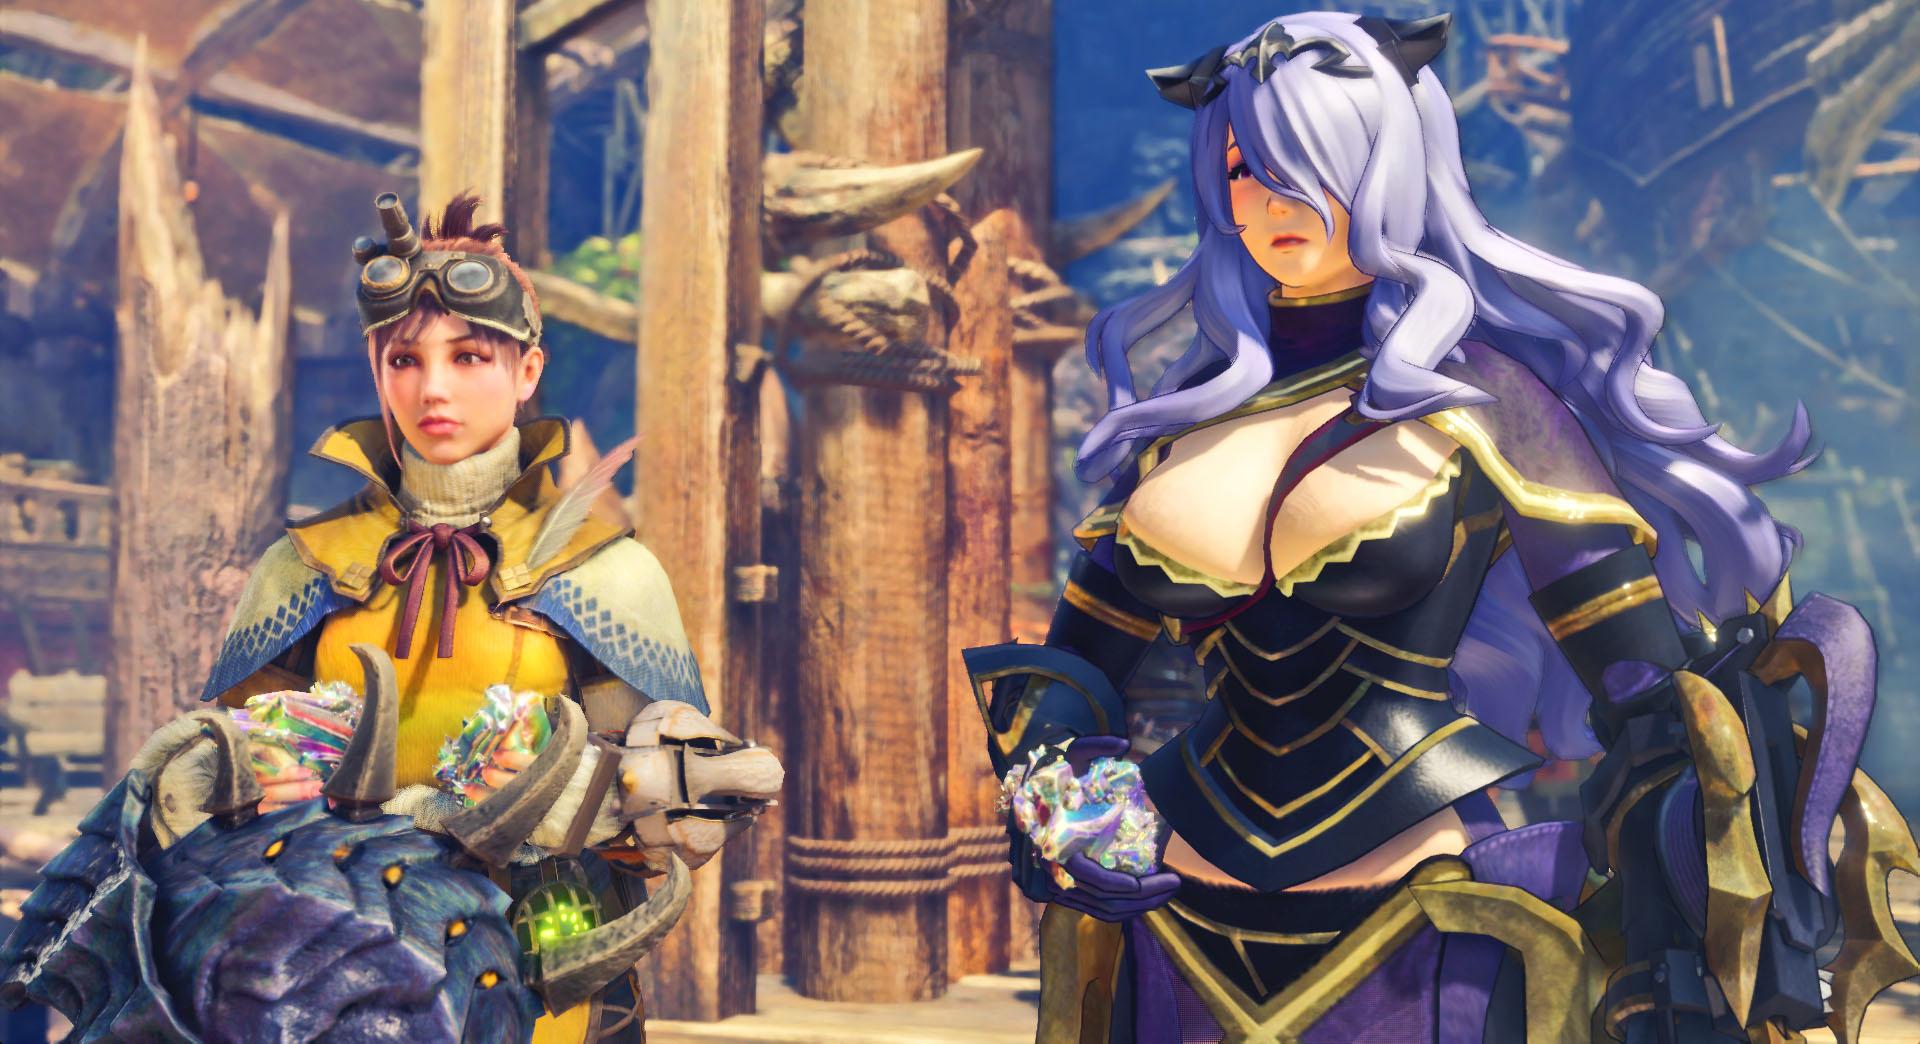 Моддер улучшил модель сексуальной Камиллы из Fire Emblem Fates в Monster Hunter: World